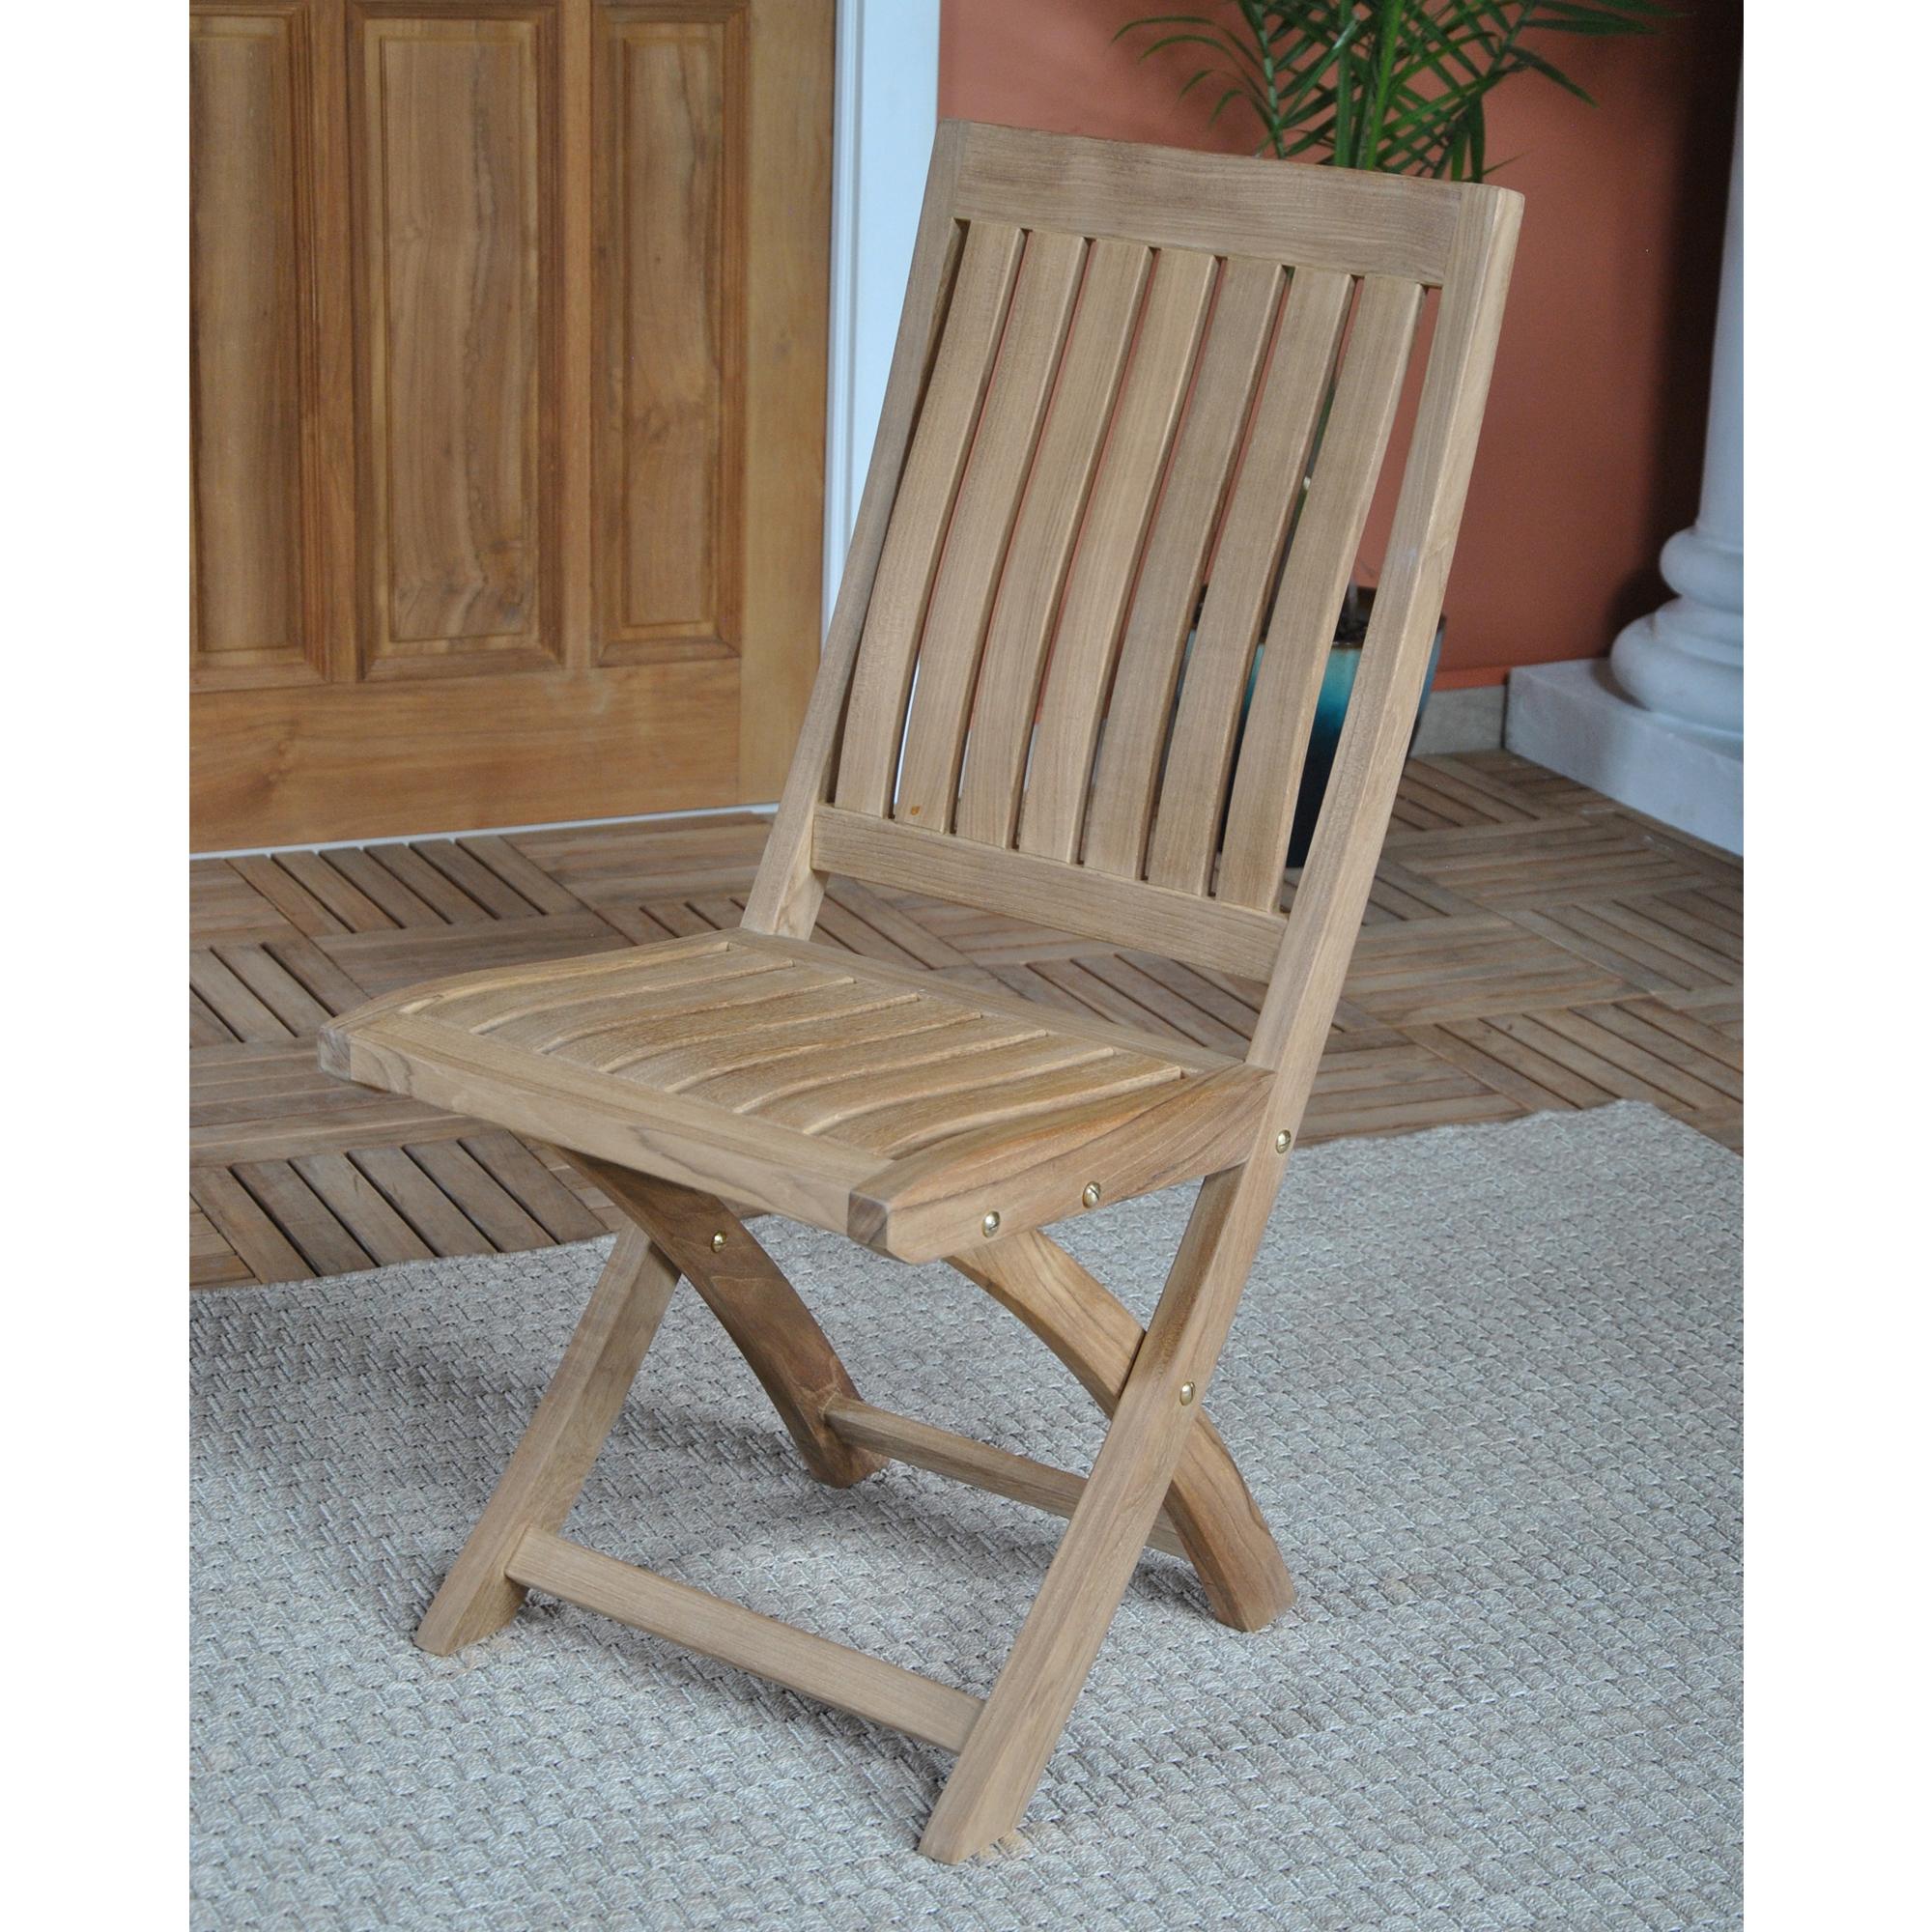 teak folding chair armless camping side free shipping niagara corona ntch003s